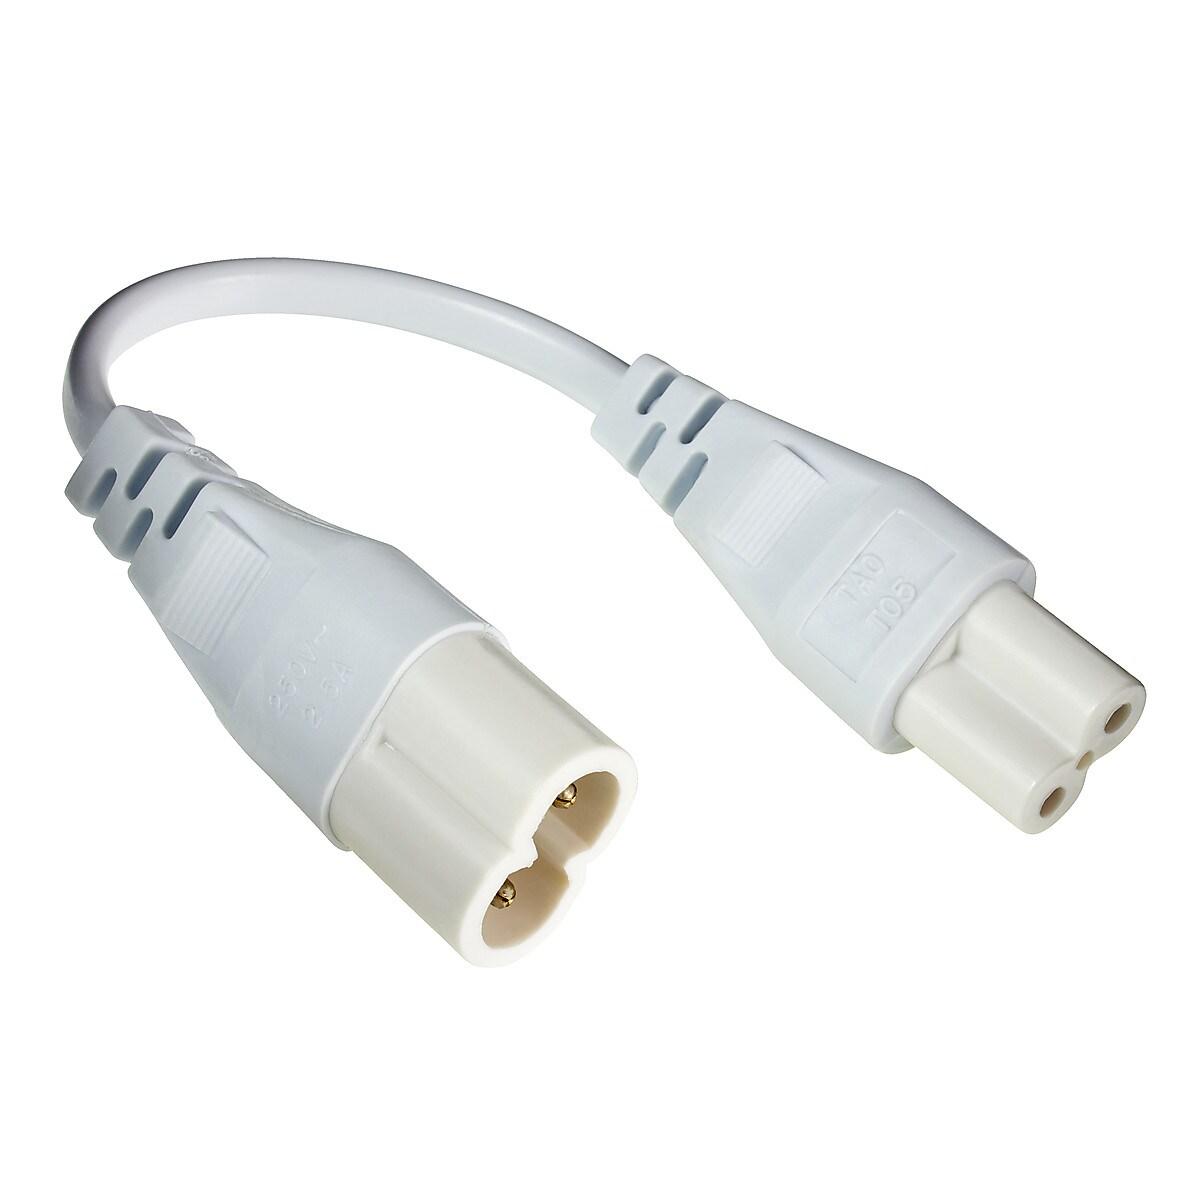 Skjøtekabel C7 til LED benkarmatur